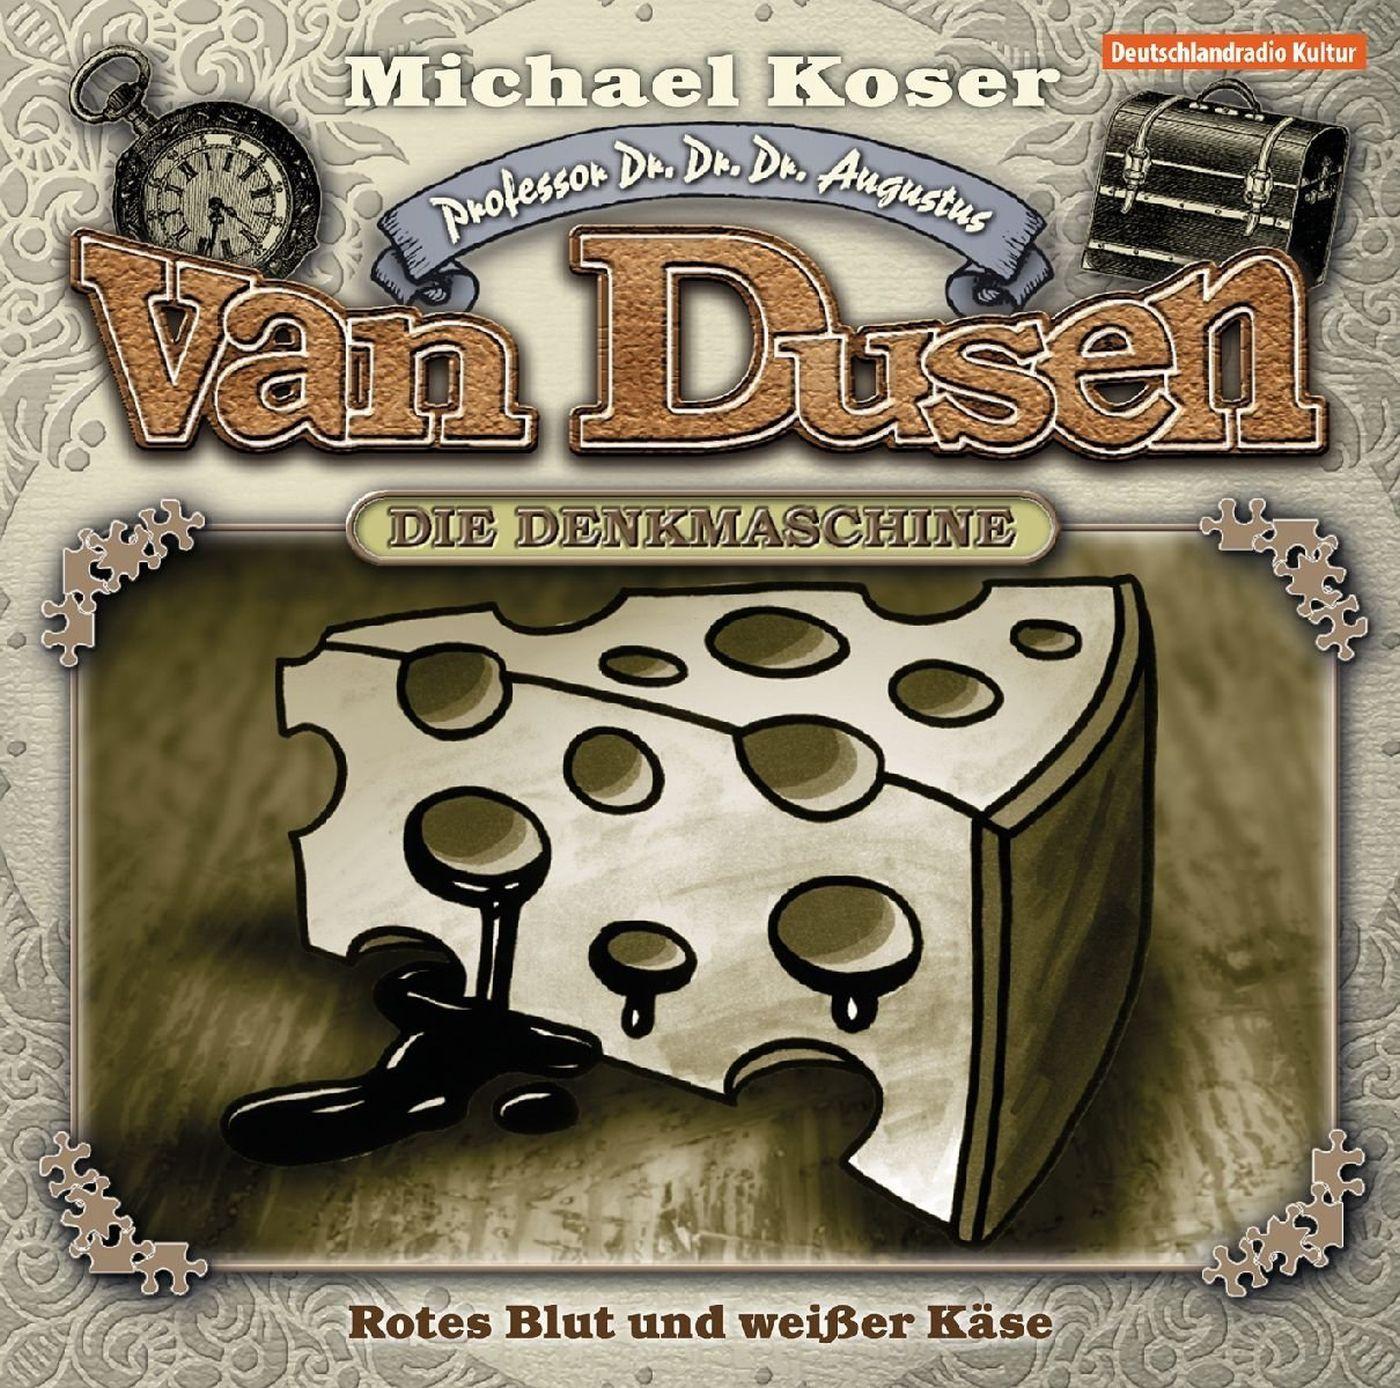 Professor van Dusen - Folge 14: Rotes Blut und weißer Käse